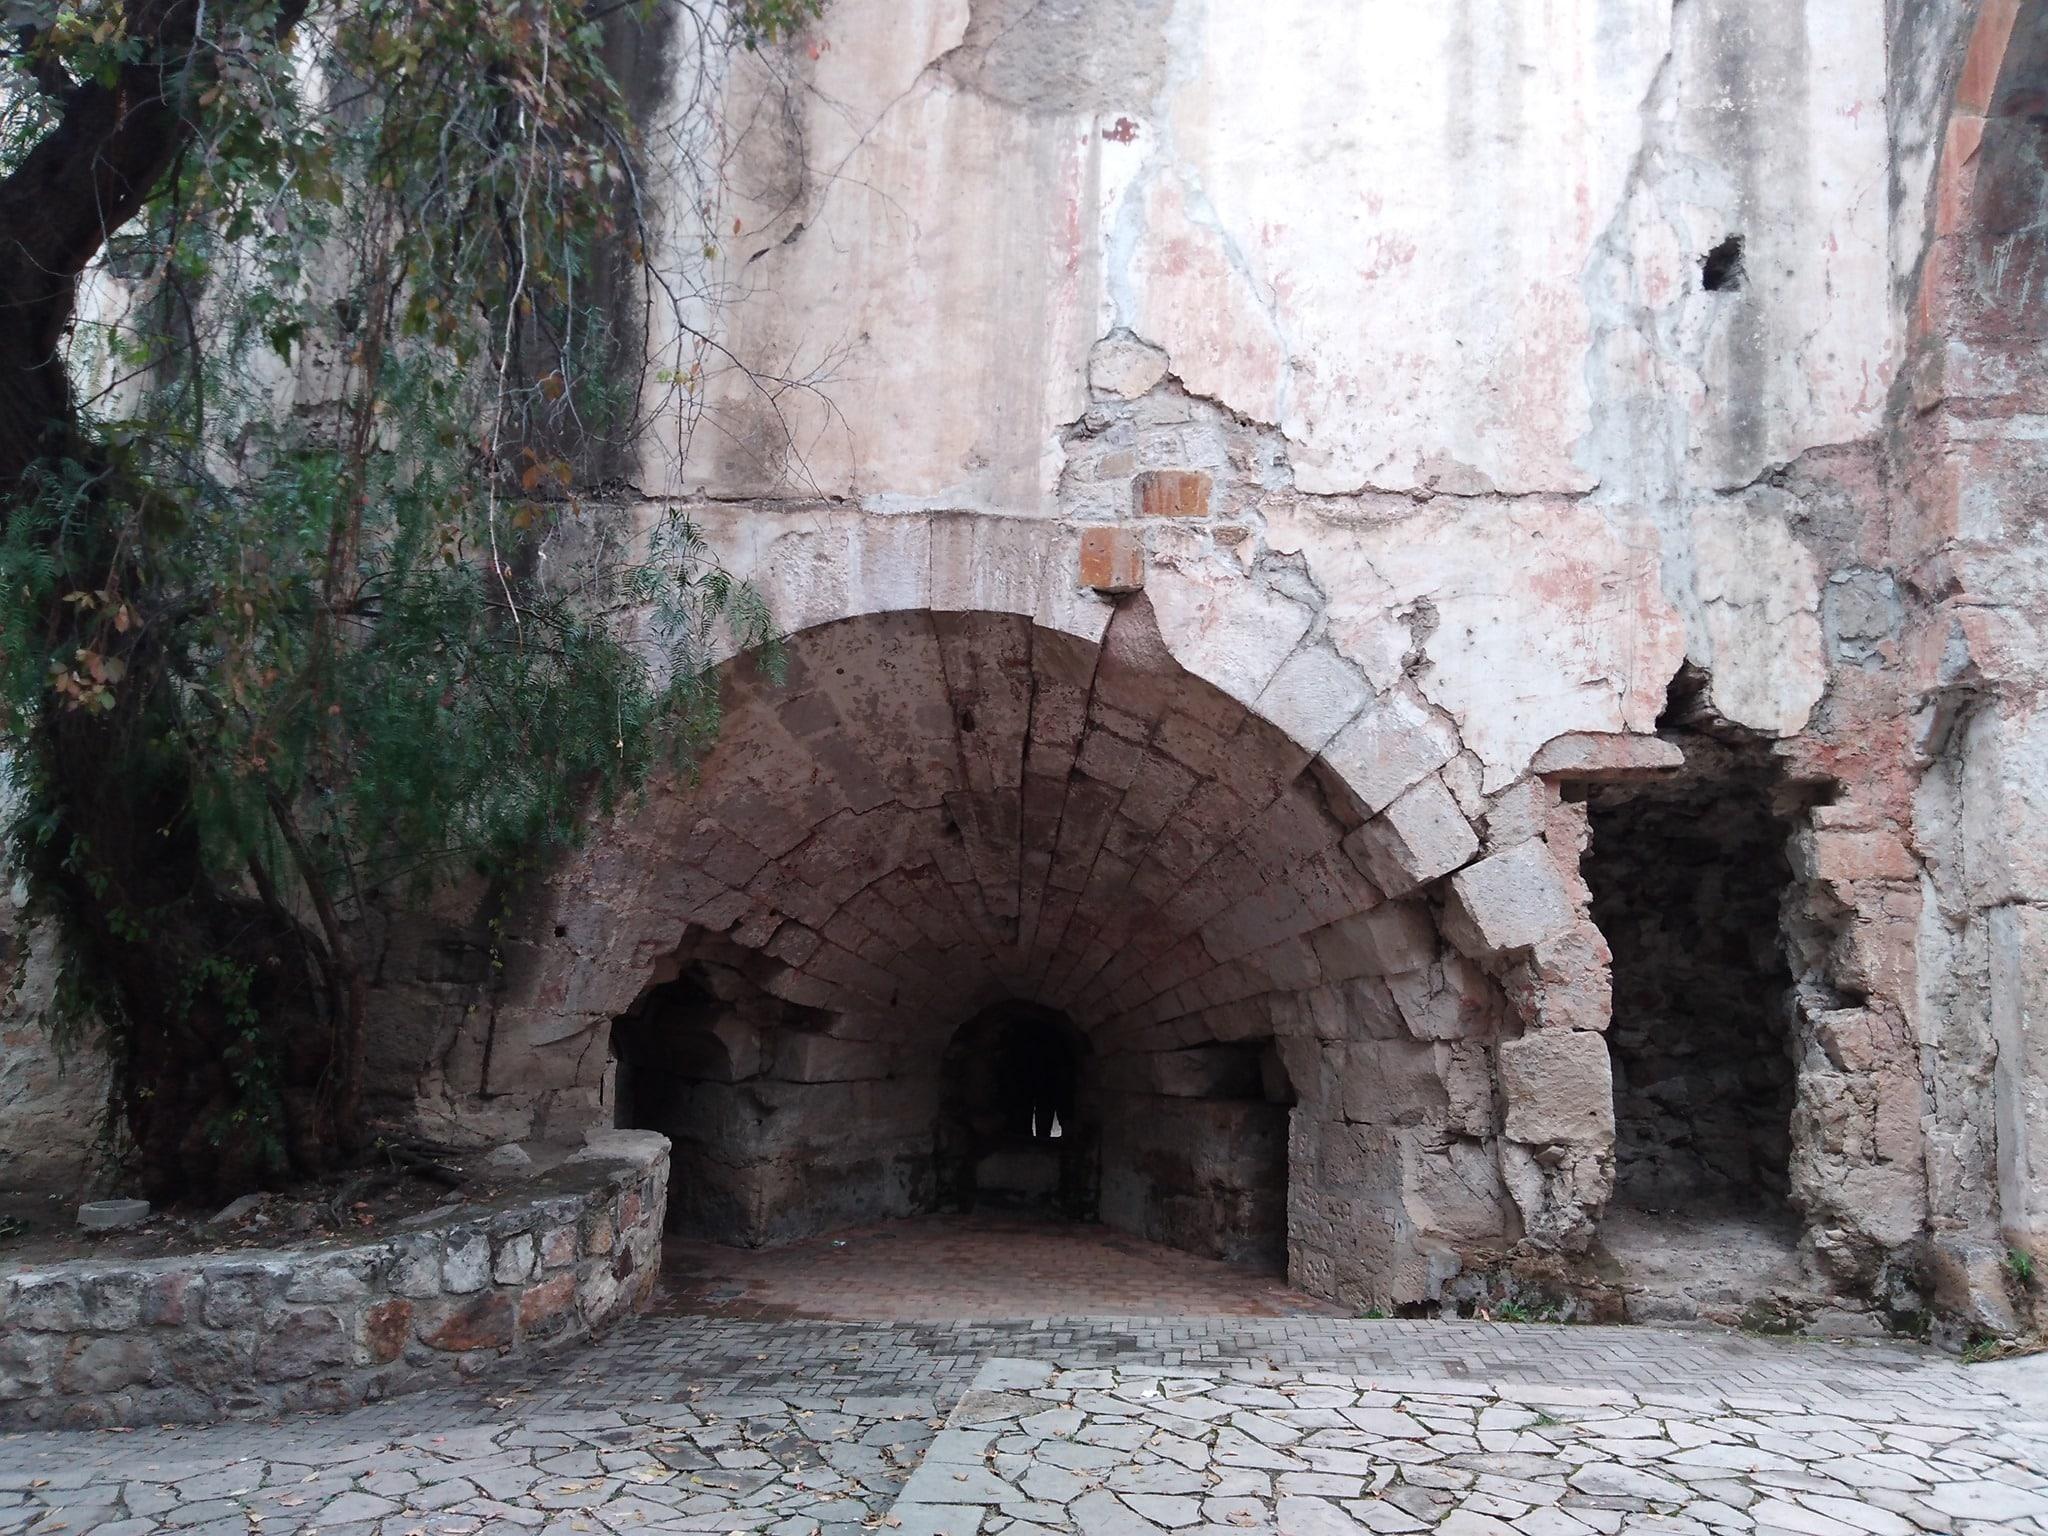 Archaeological site 'La Ferrería'